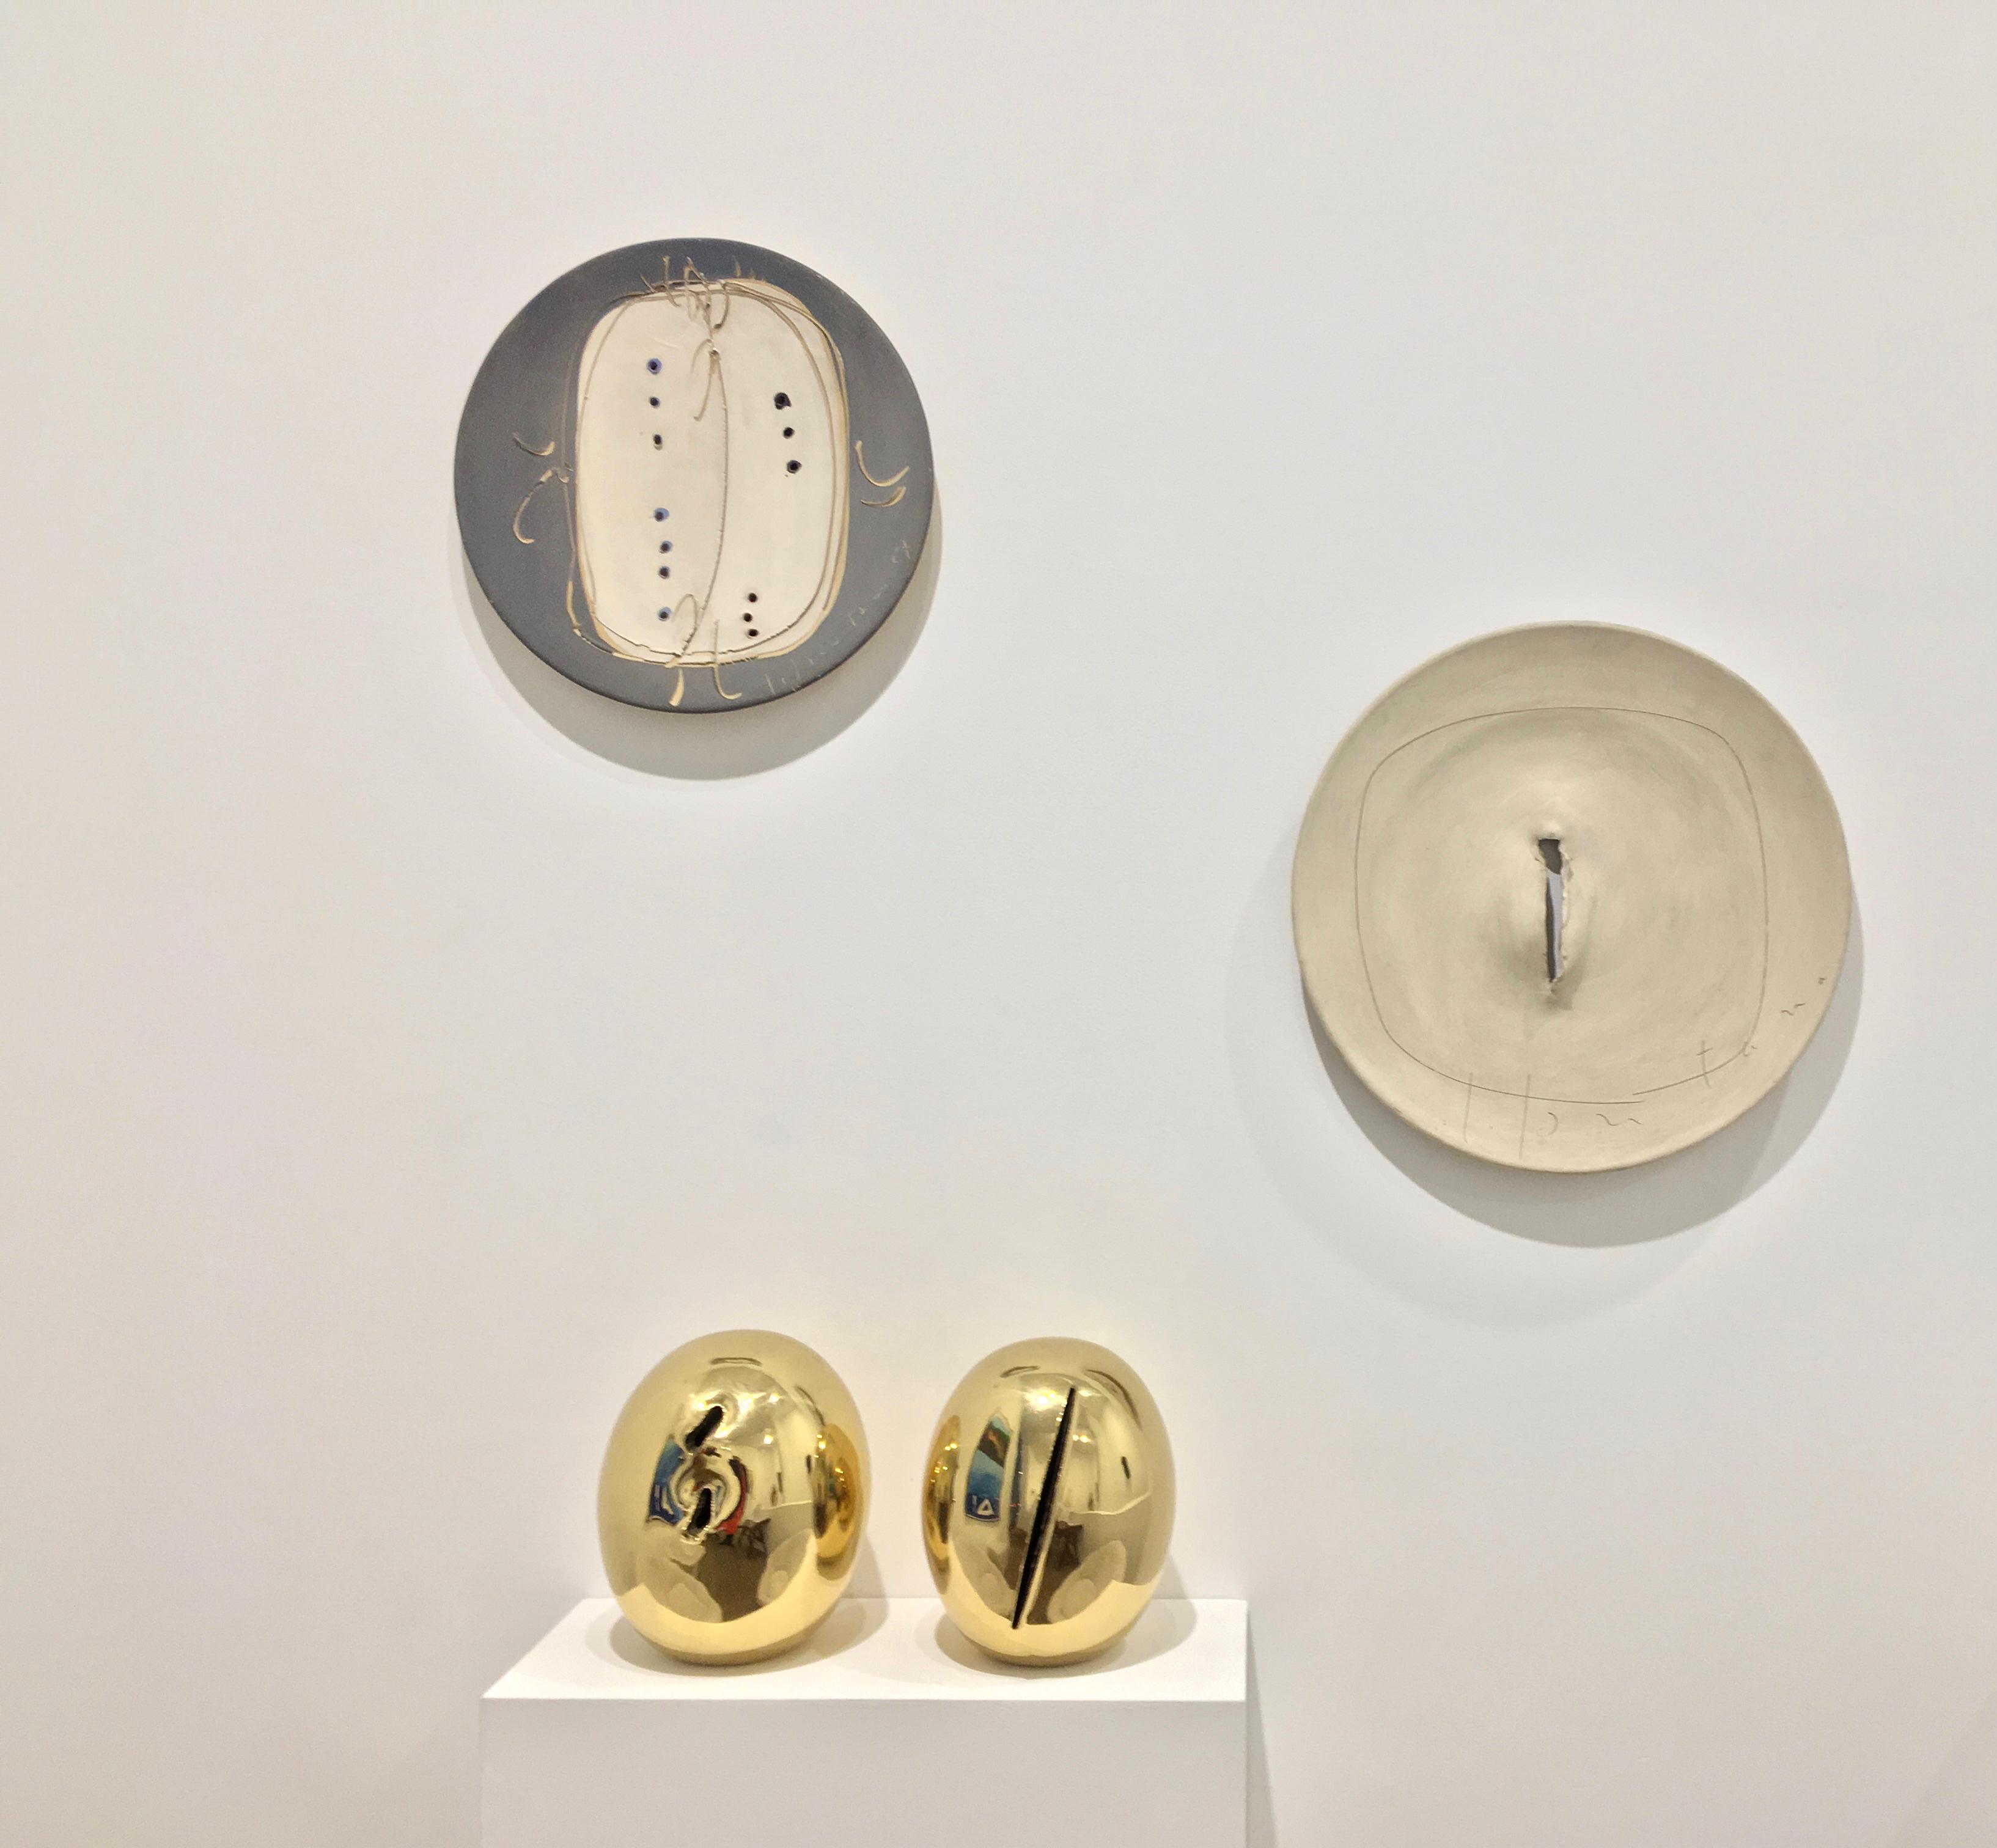 Galerie Robilant + Voena Slide 1